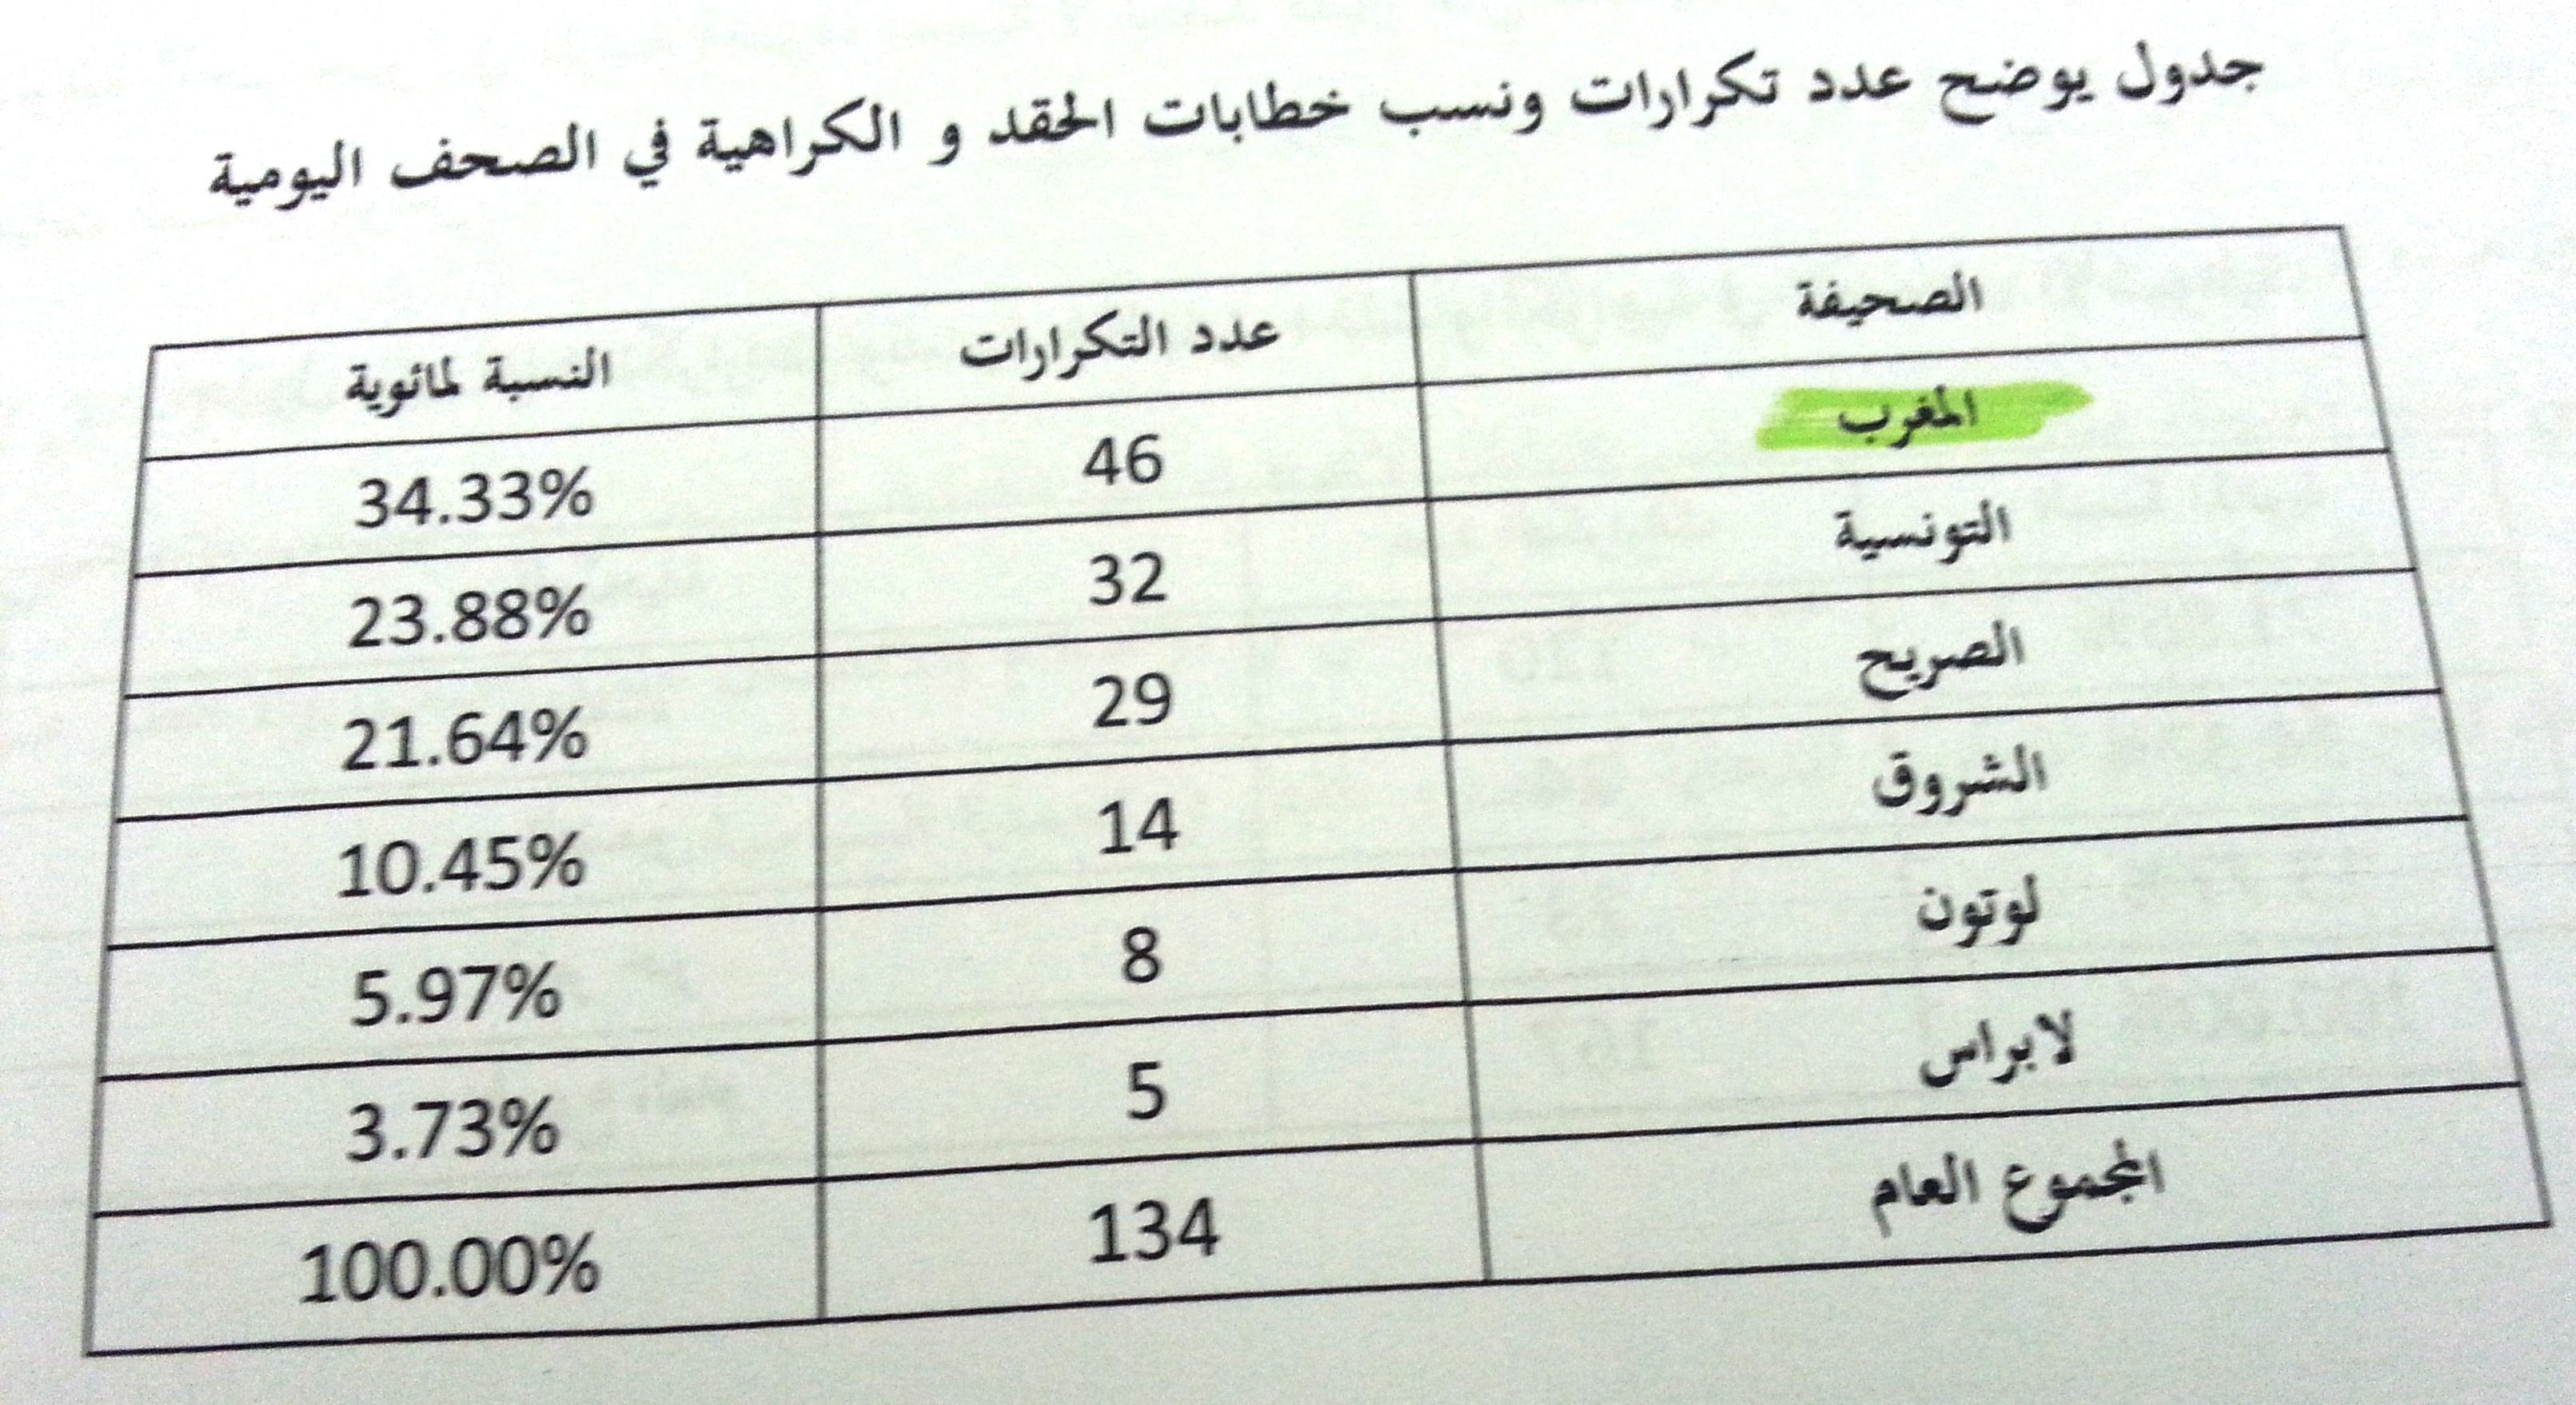 Tableau relatif à la répétition et diffusion des messages de haine dans les journaux quotidiens tunisiens